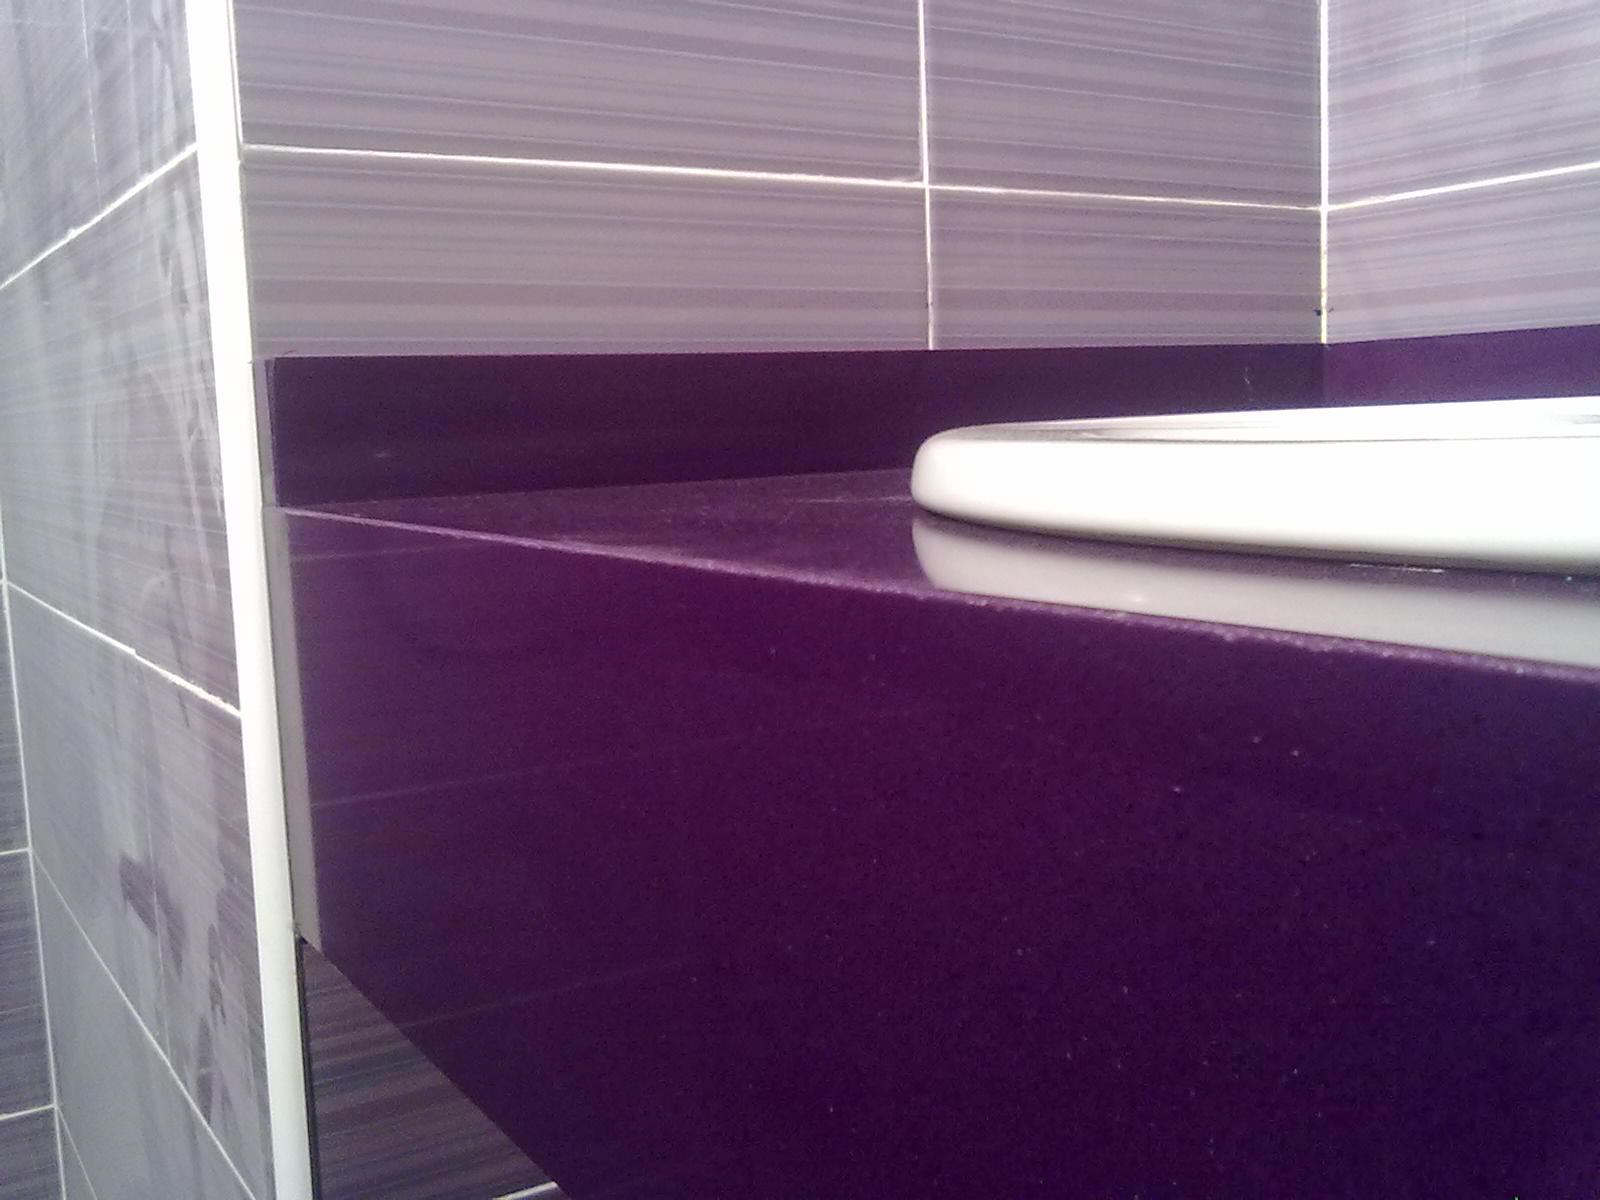 Marmoles vedat s l u encimera lavabo compac quartz lila - Colores encimeras compac ...